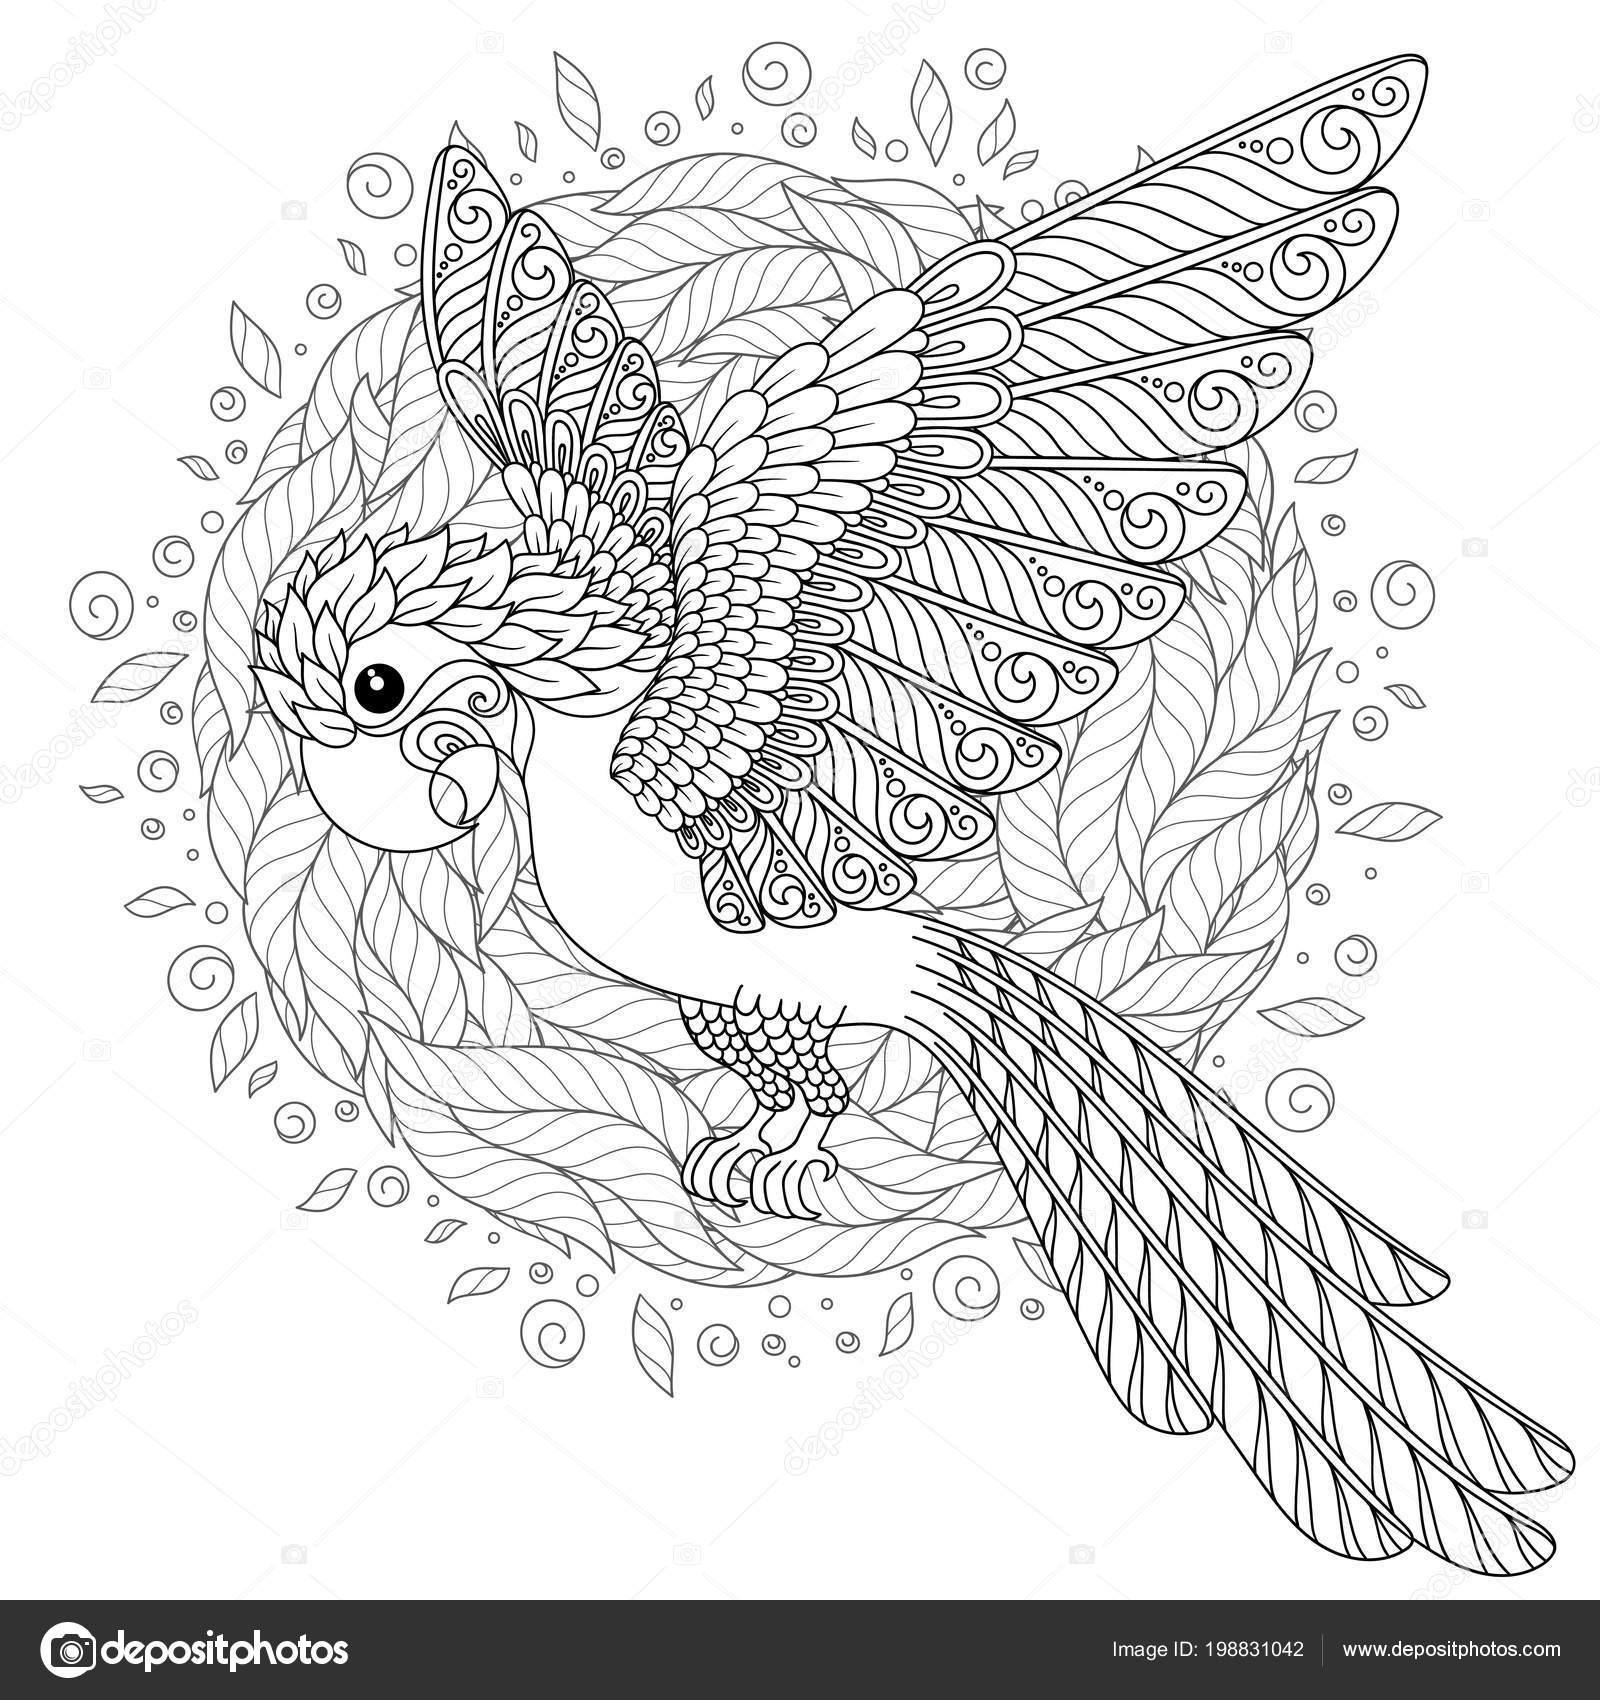 Kleurplaten Volwassenen Papegaai.Papegaai Tropische Vogel Vectorillustratie Kleurboek Voor